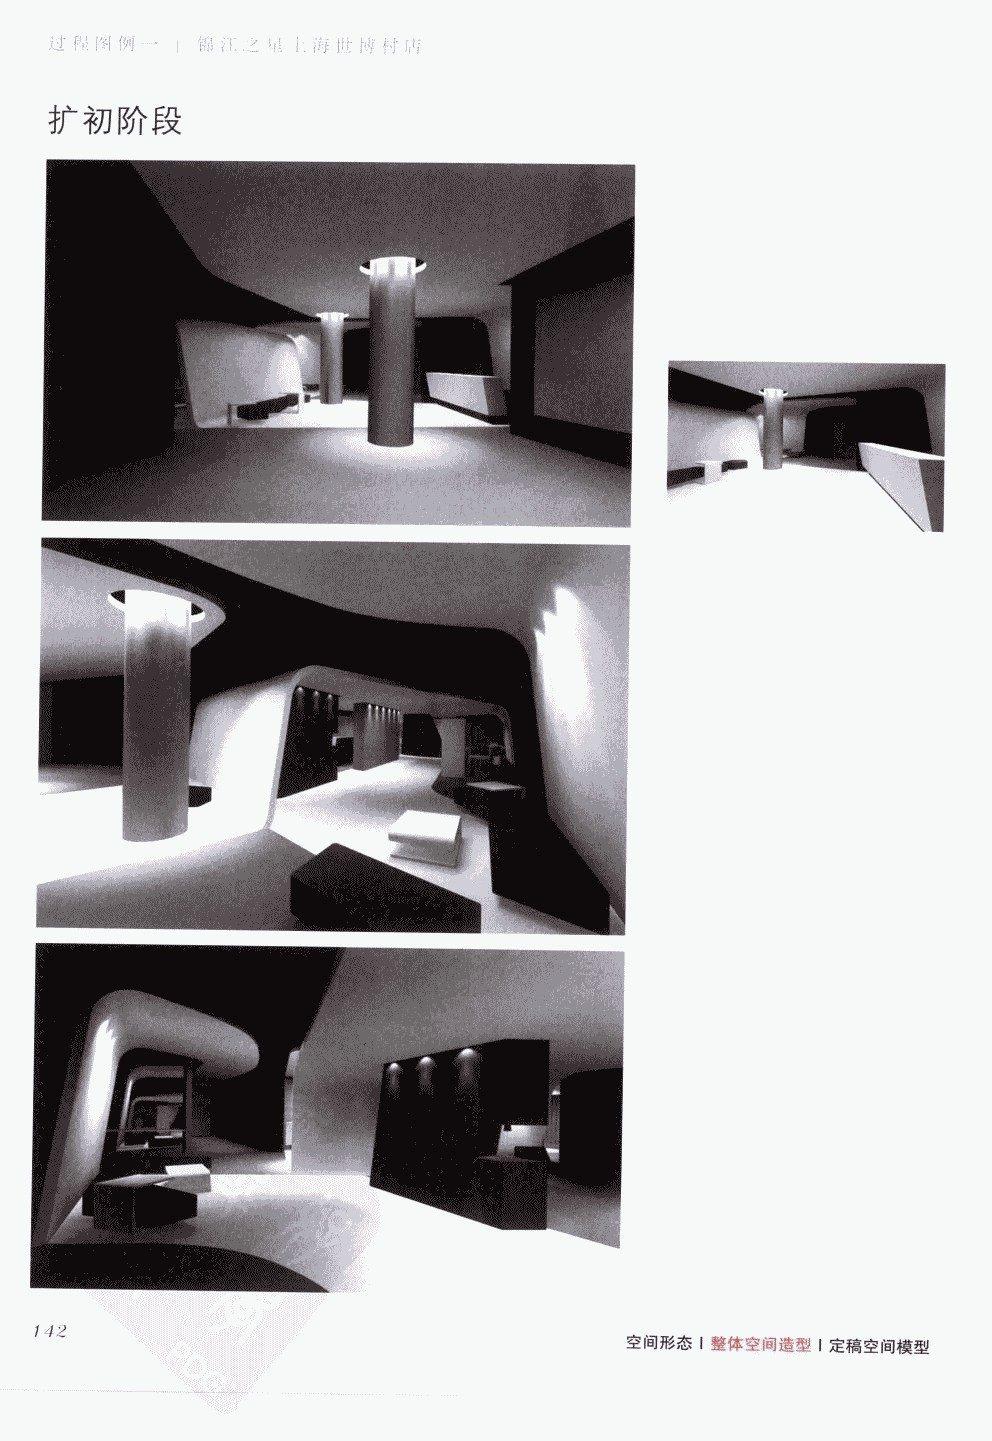 室内设计纲要++概念思考与过程表达_室内设计纲要  概念思考与过程表达_1297982..._页面_150.jpg